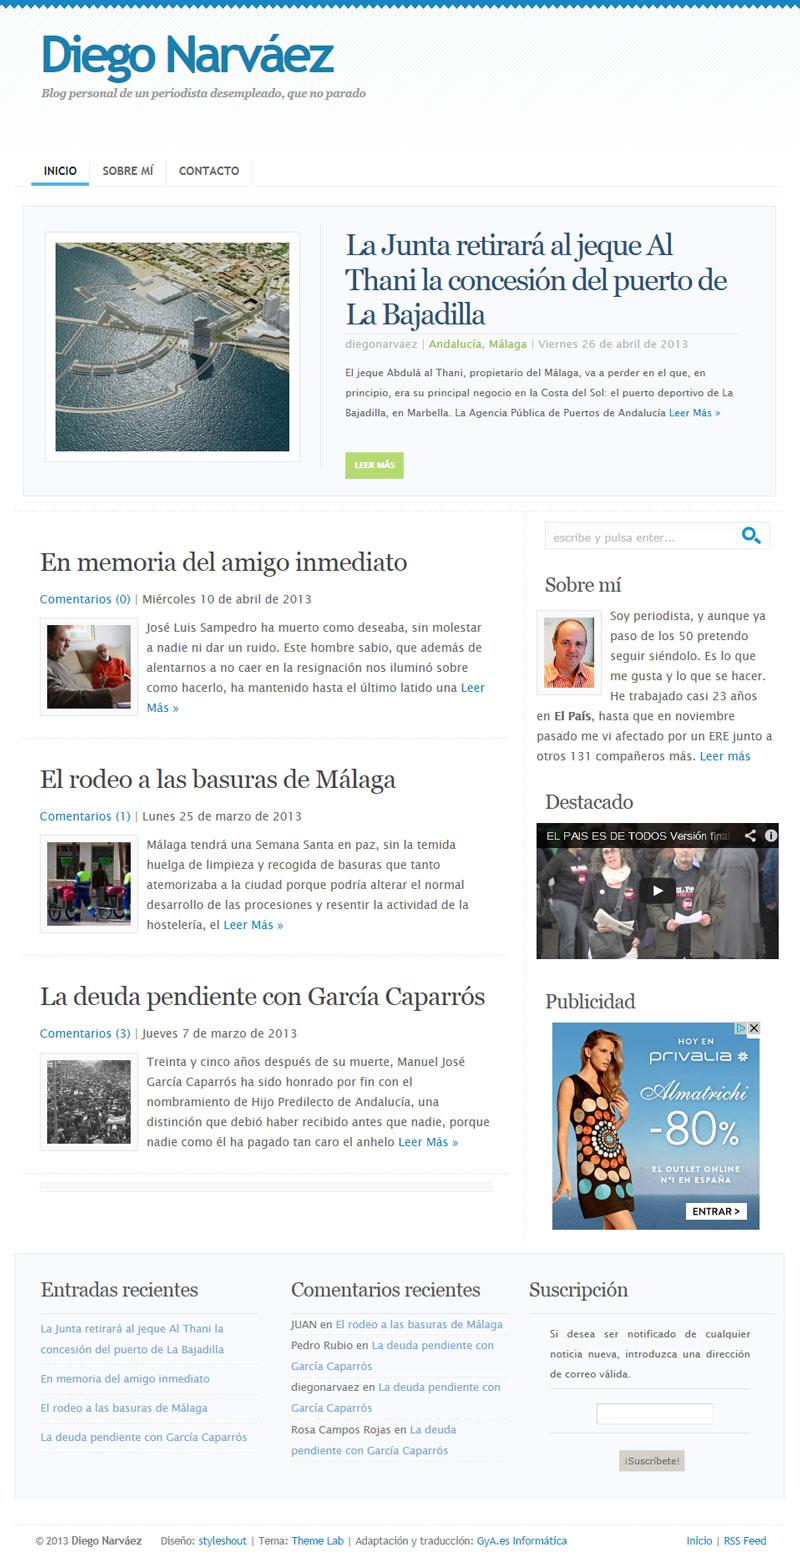 Diego Narváez. Reputado periodista malagueño